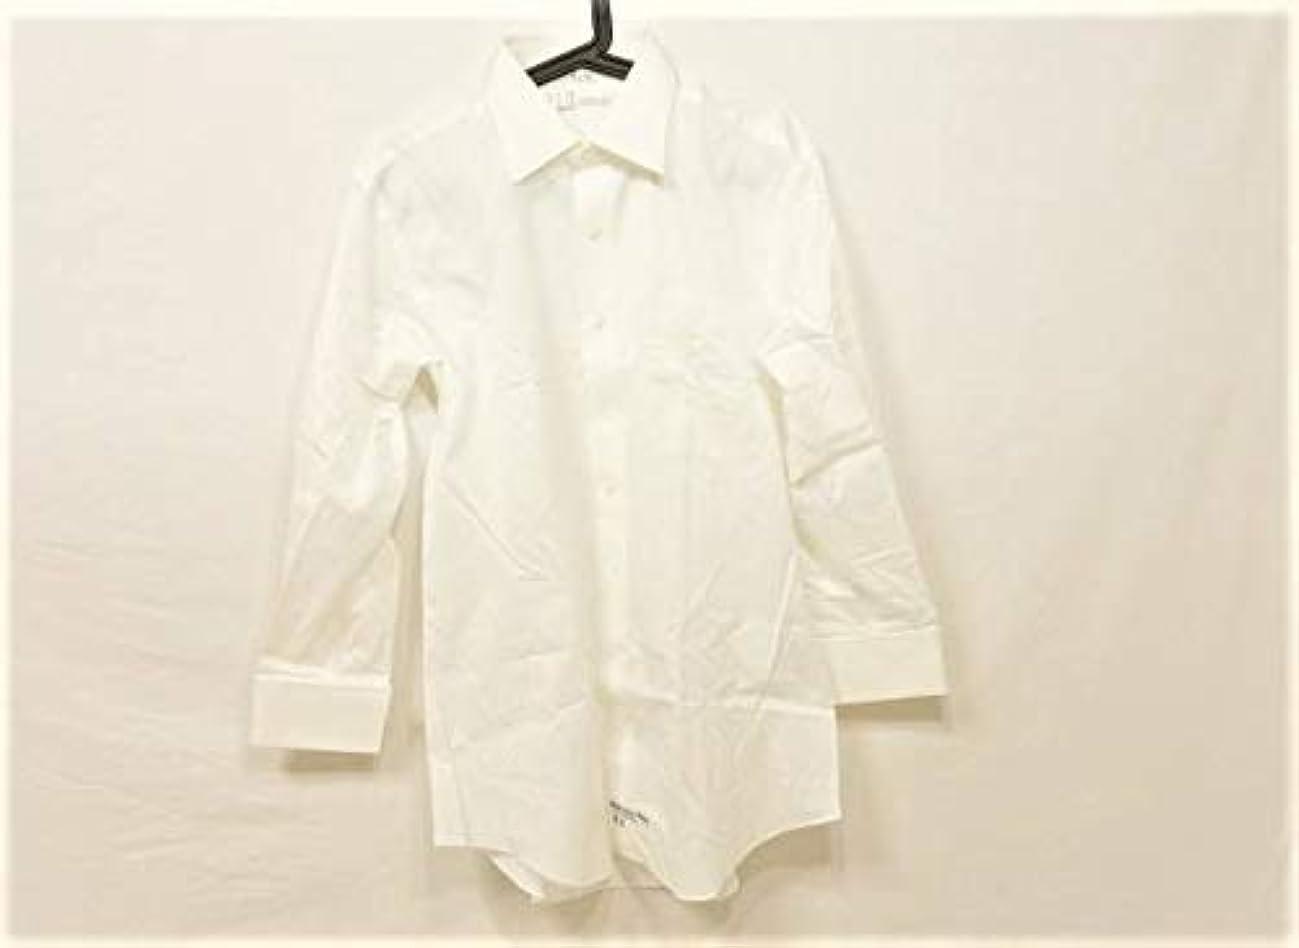 助けて輝くぬいぐるみ(ダンヒル) Dunhill シャツ 長袖シャツ メンズ 白 【中古】